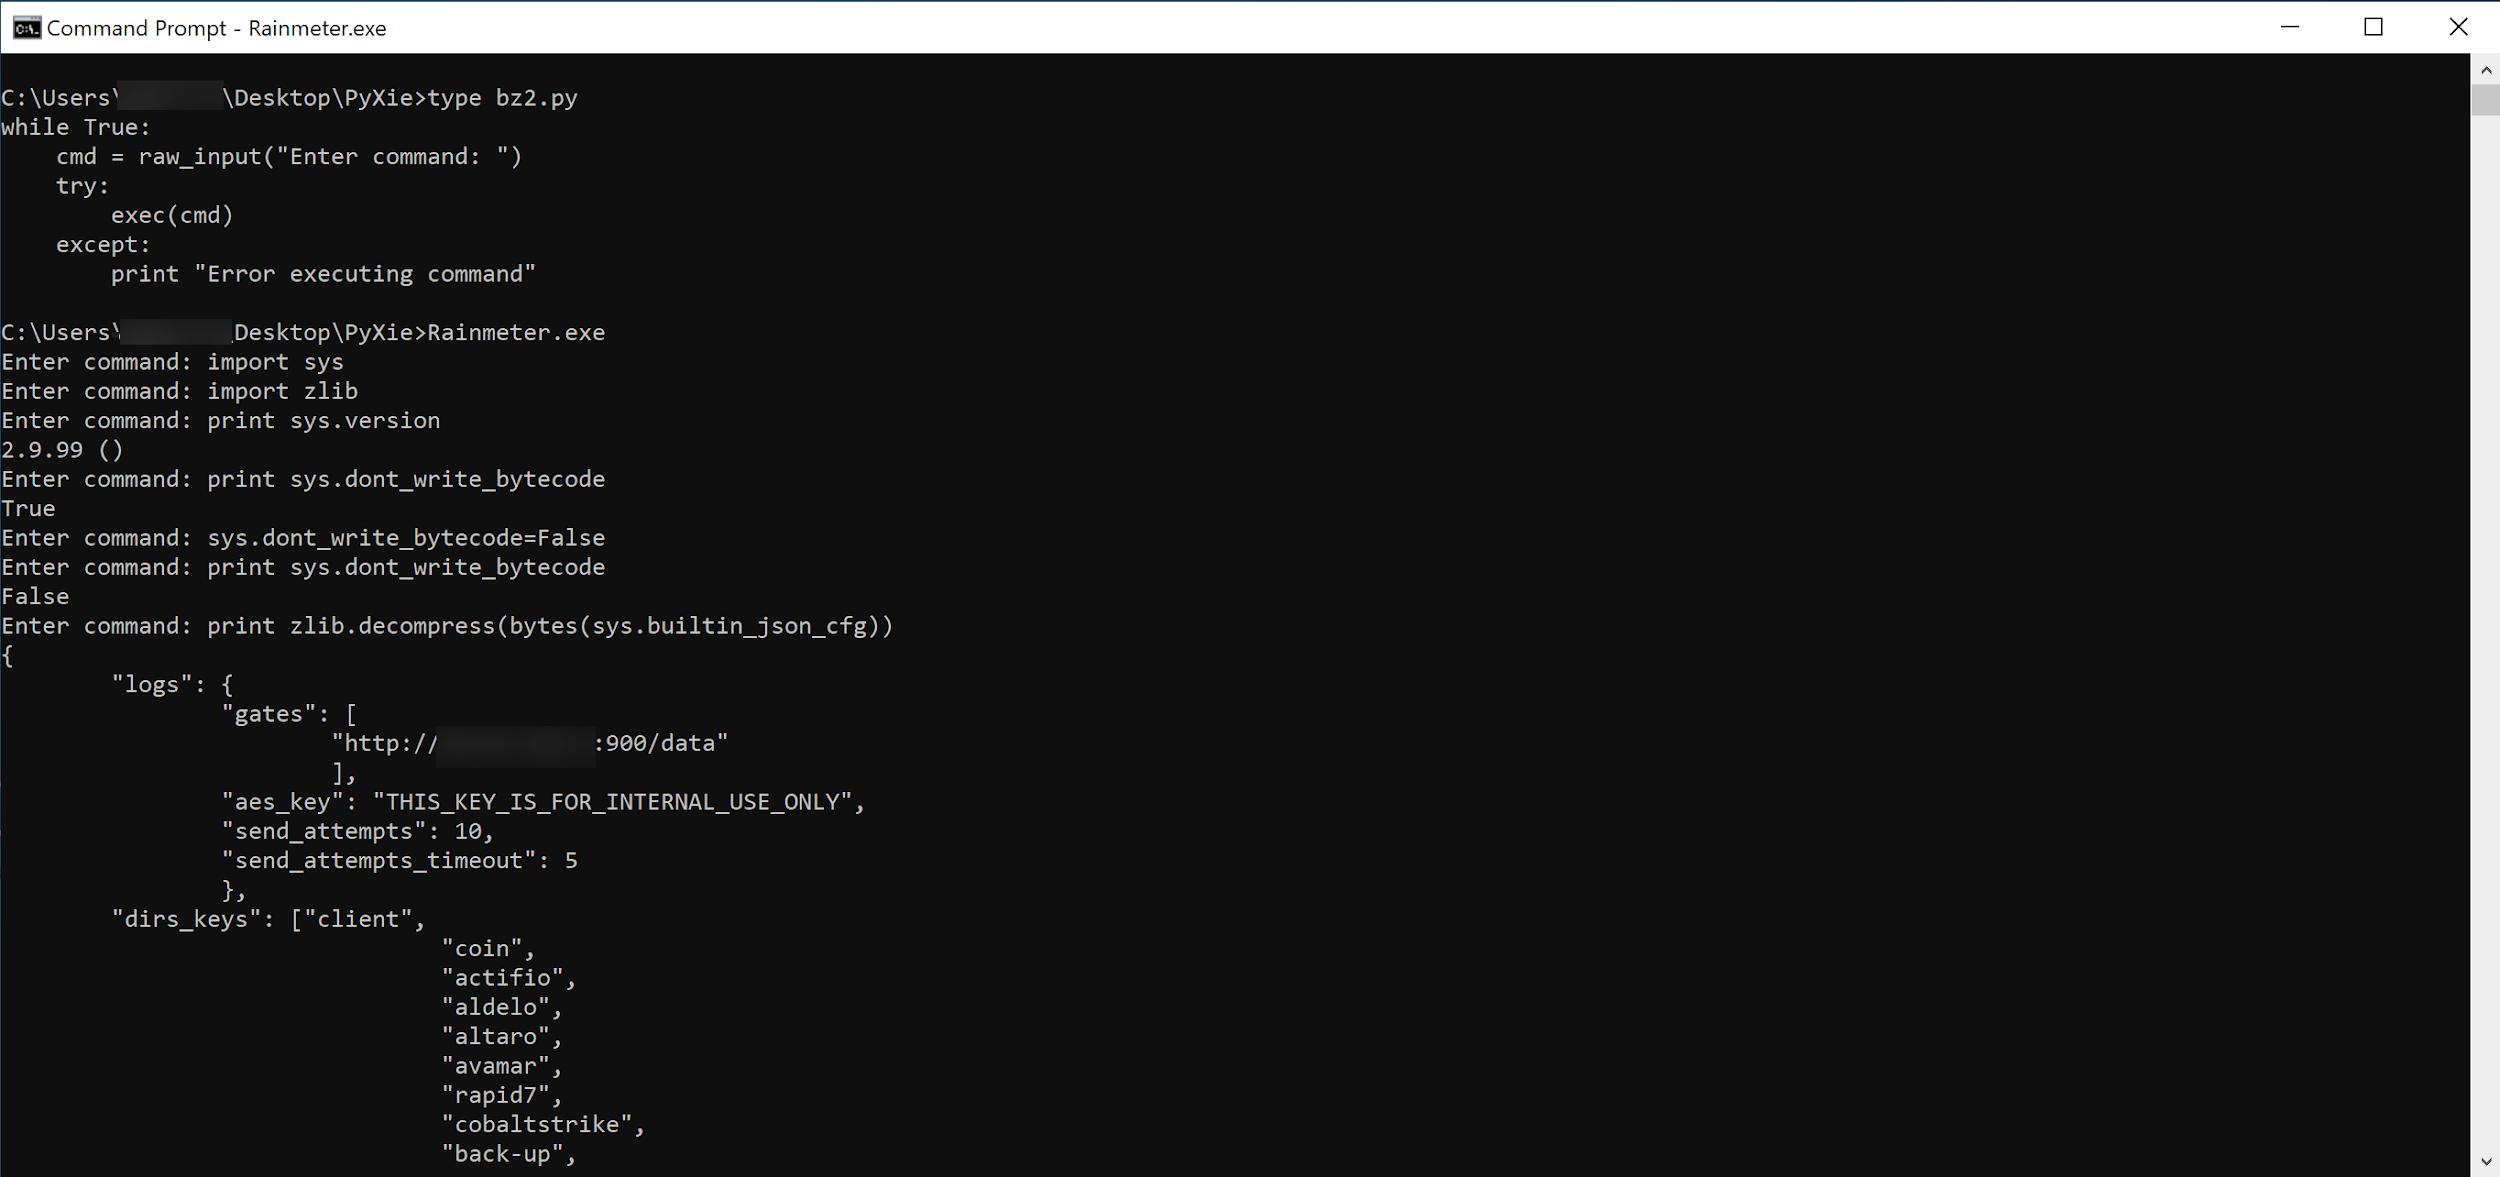 PyXieがインポートを試みたモジュールの1つに簡単なPythonシェルをドロップして、PyXieの検索順序の脆弱性を有利に利用することができました。